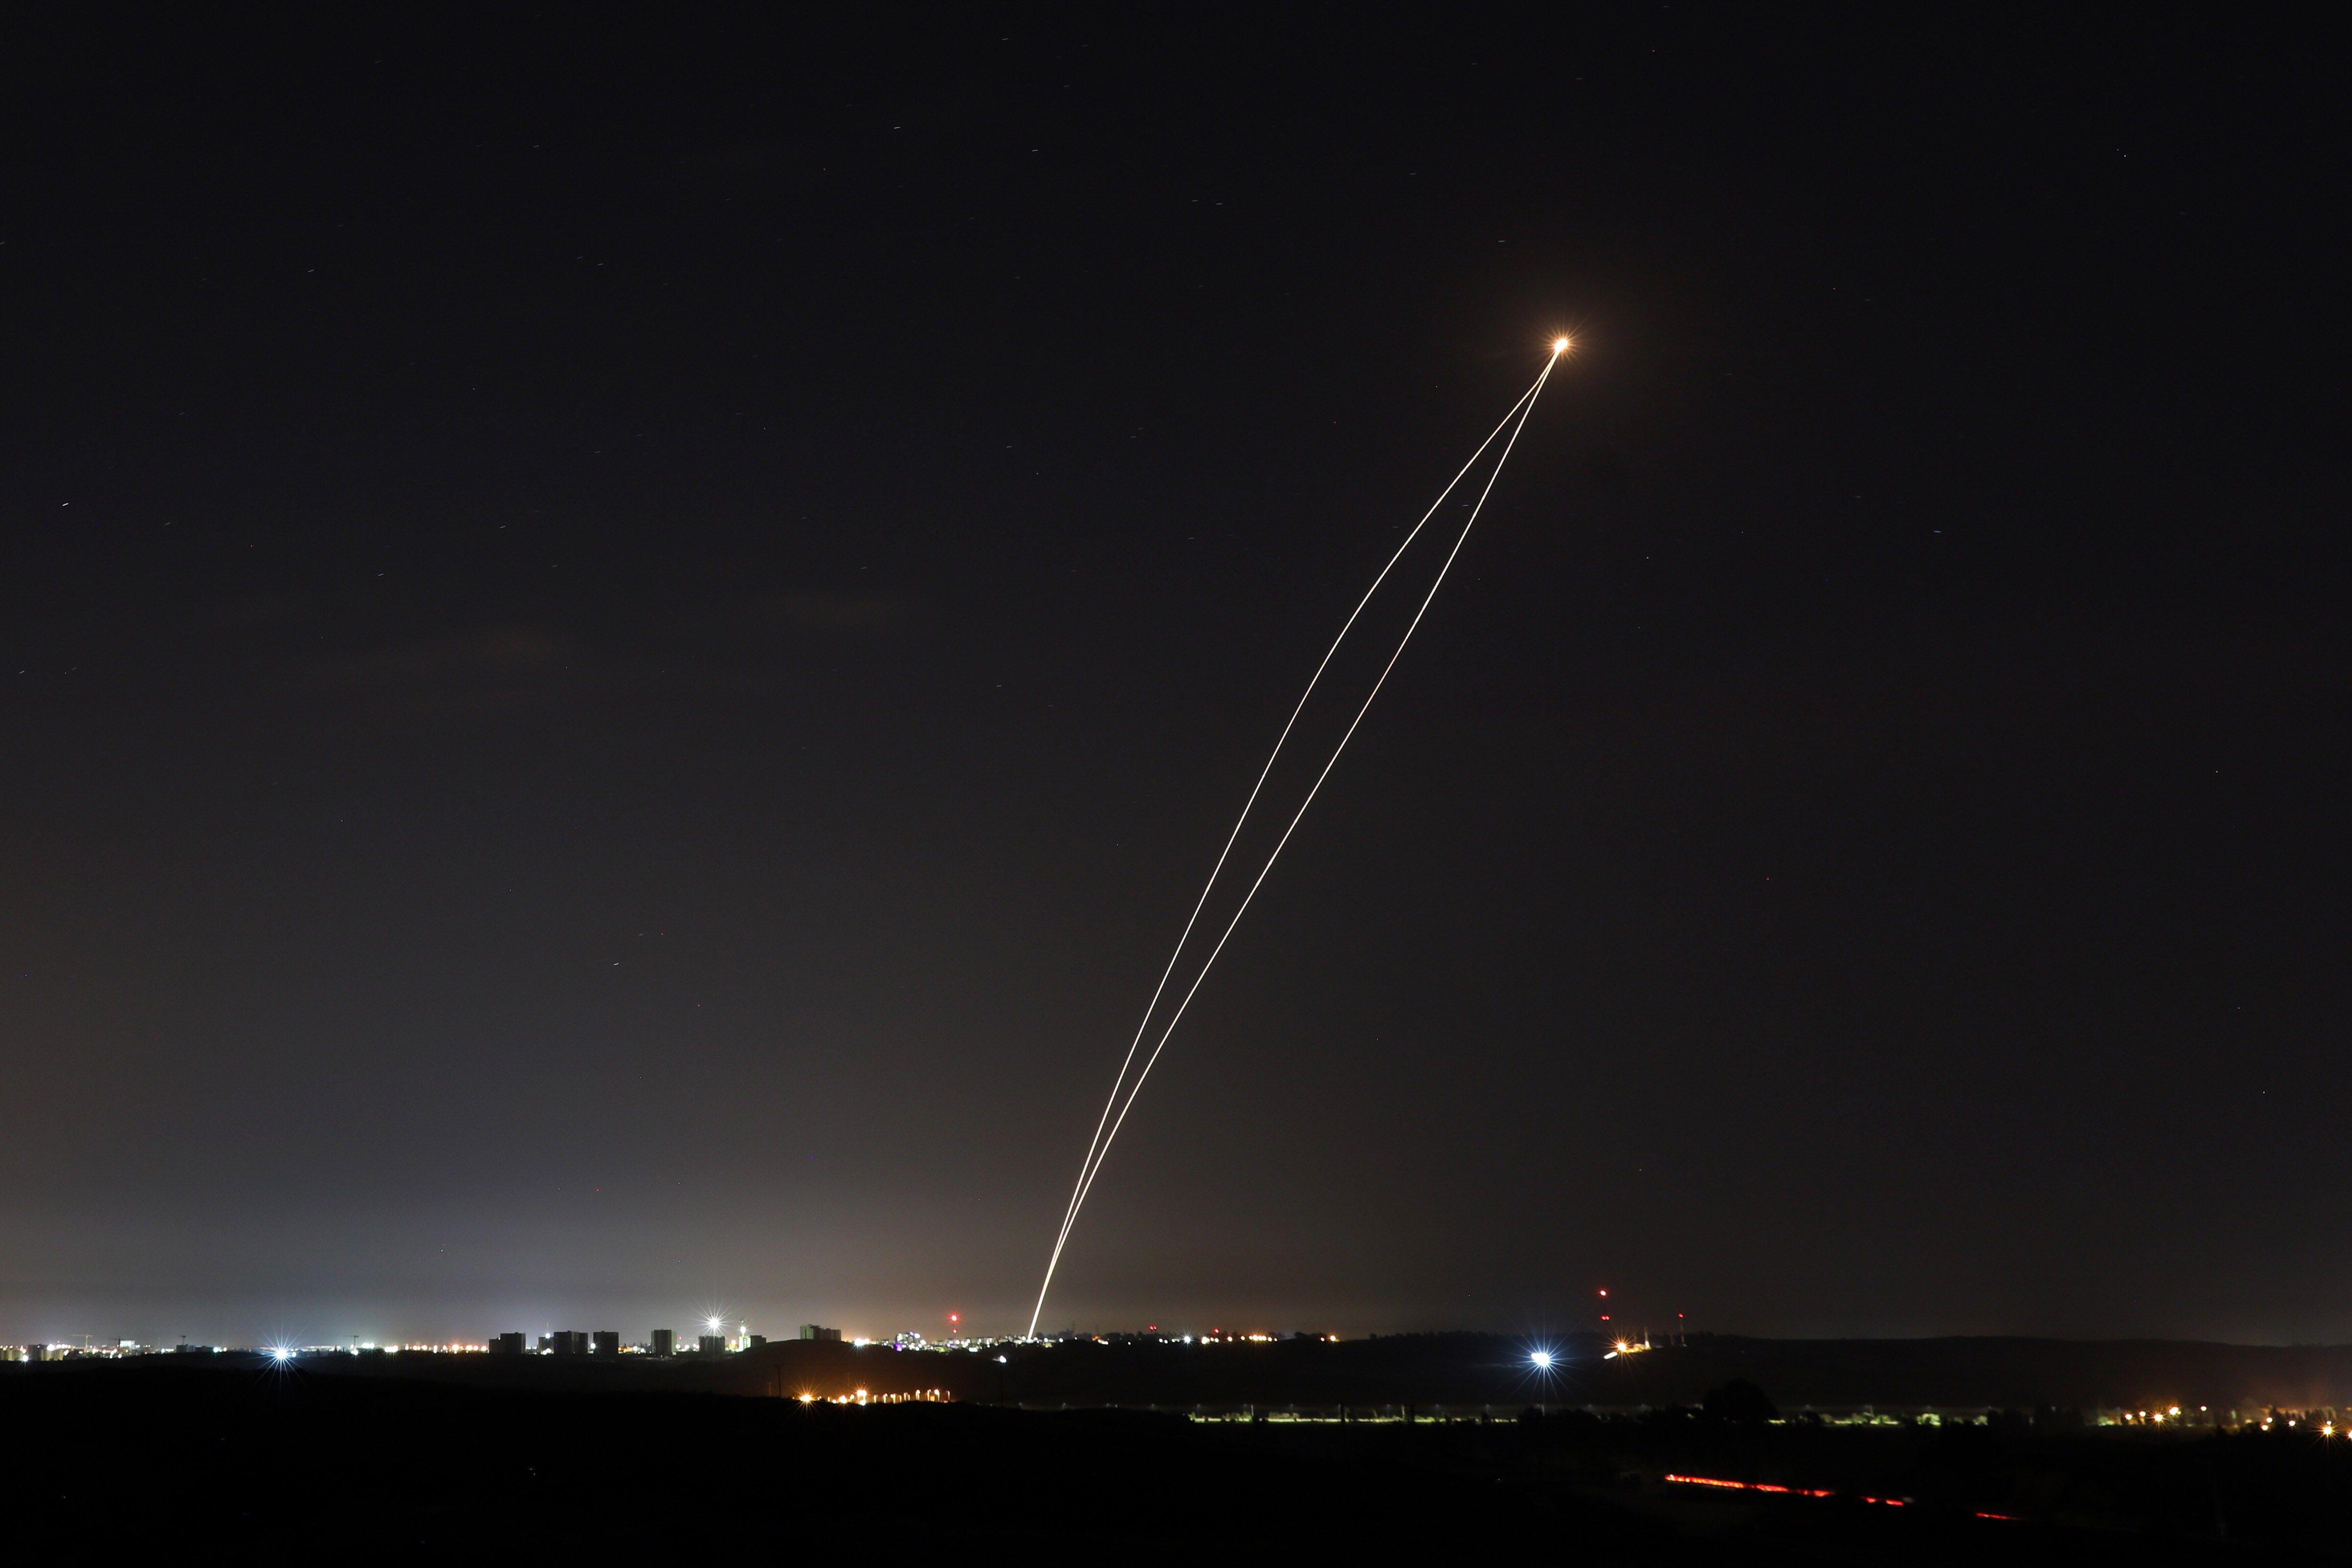 La imagen captó uno de los 250 cohetes disparado desde Gaza en el momento en que es interceptado por un sistema de defensa antimisiles de Israel.